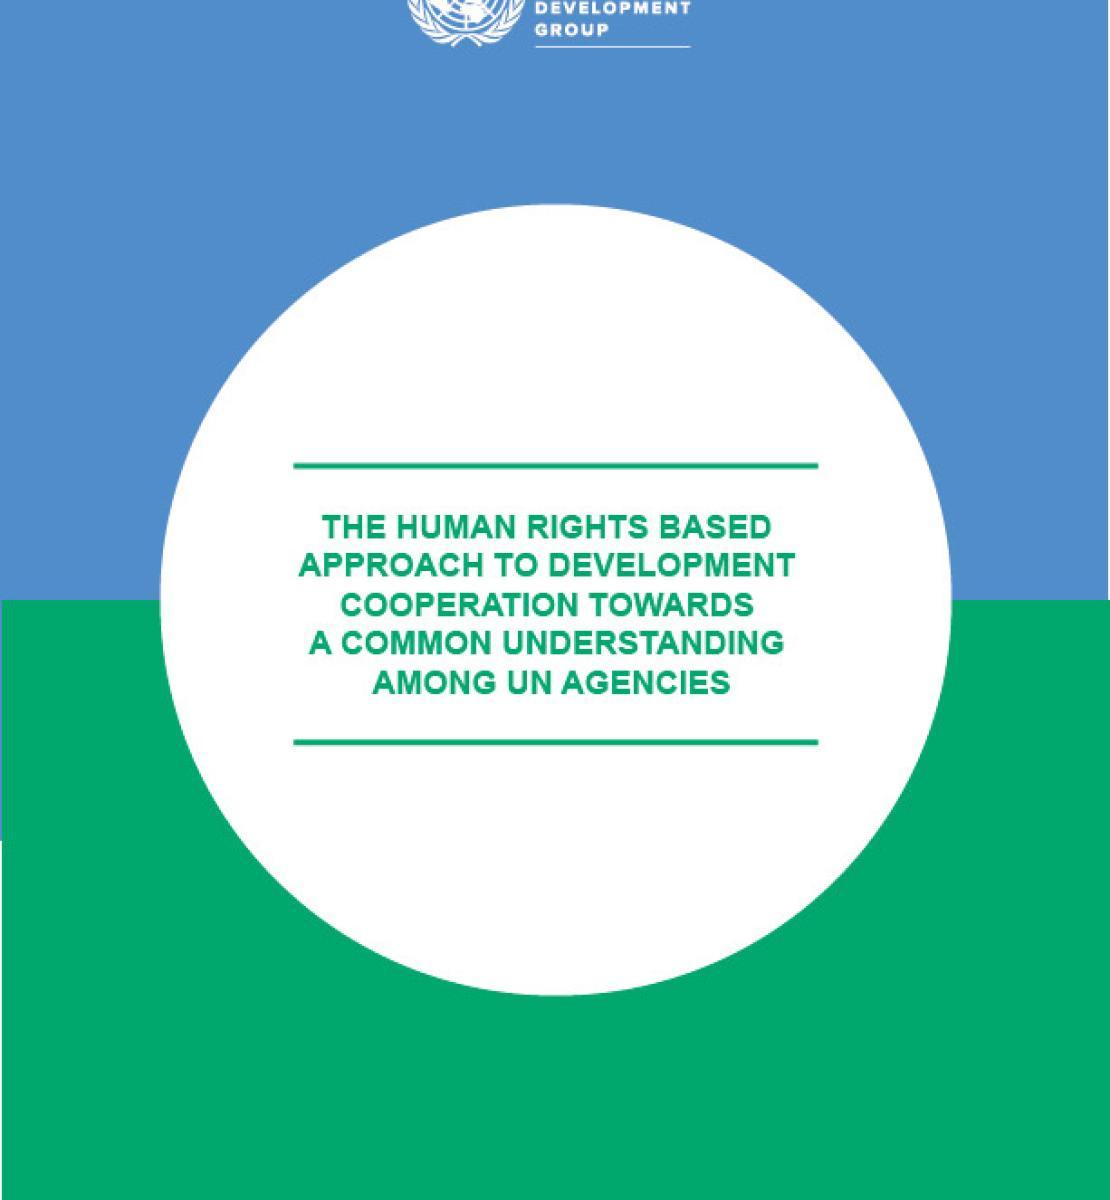 Approche fondée sur les droits de l'homme pour la coopération en matière de développement : vers une vision commune à toutes les entités de l'ONU